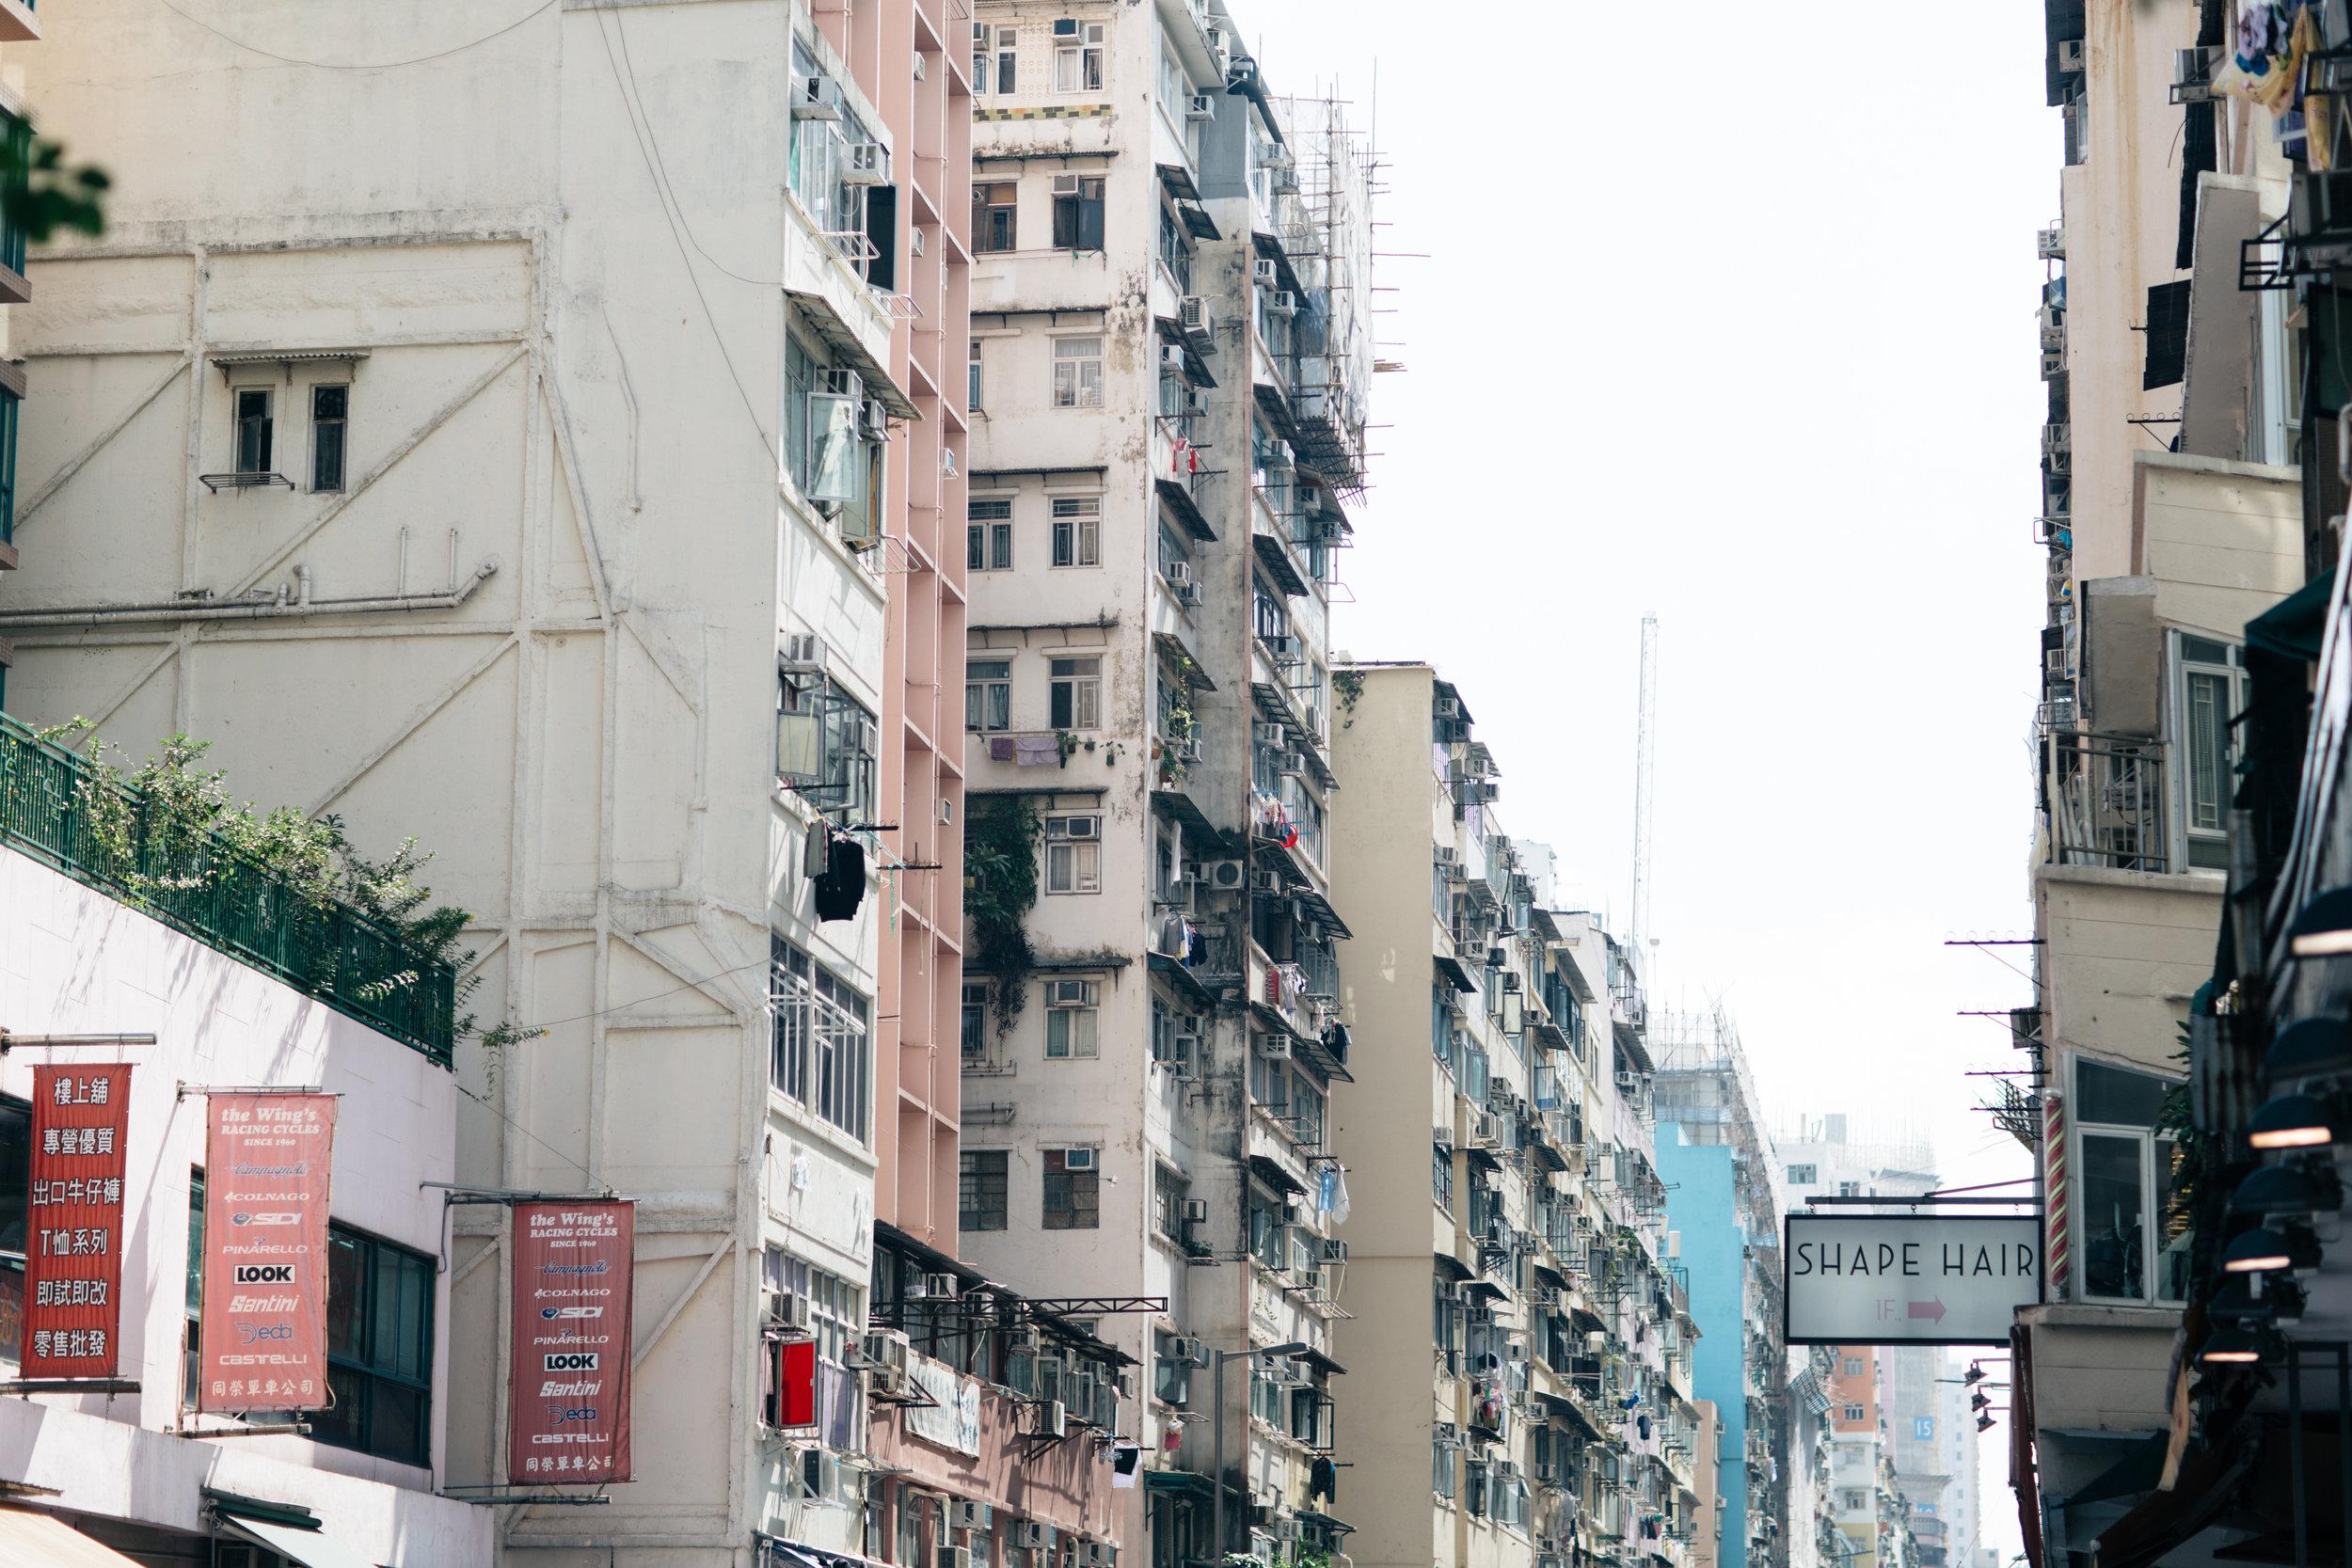 Residential buildings in Mong Kok Hong Kong